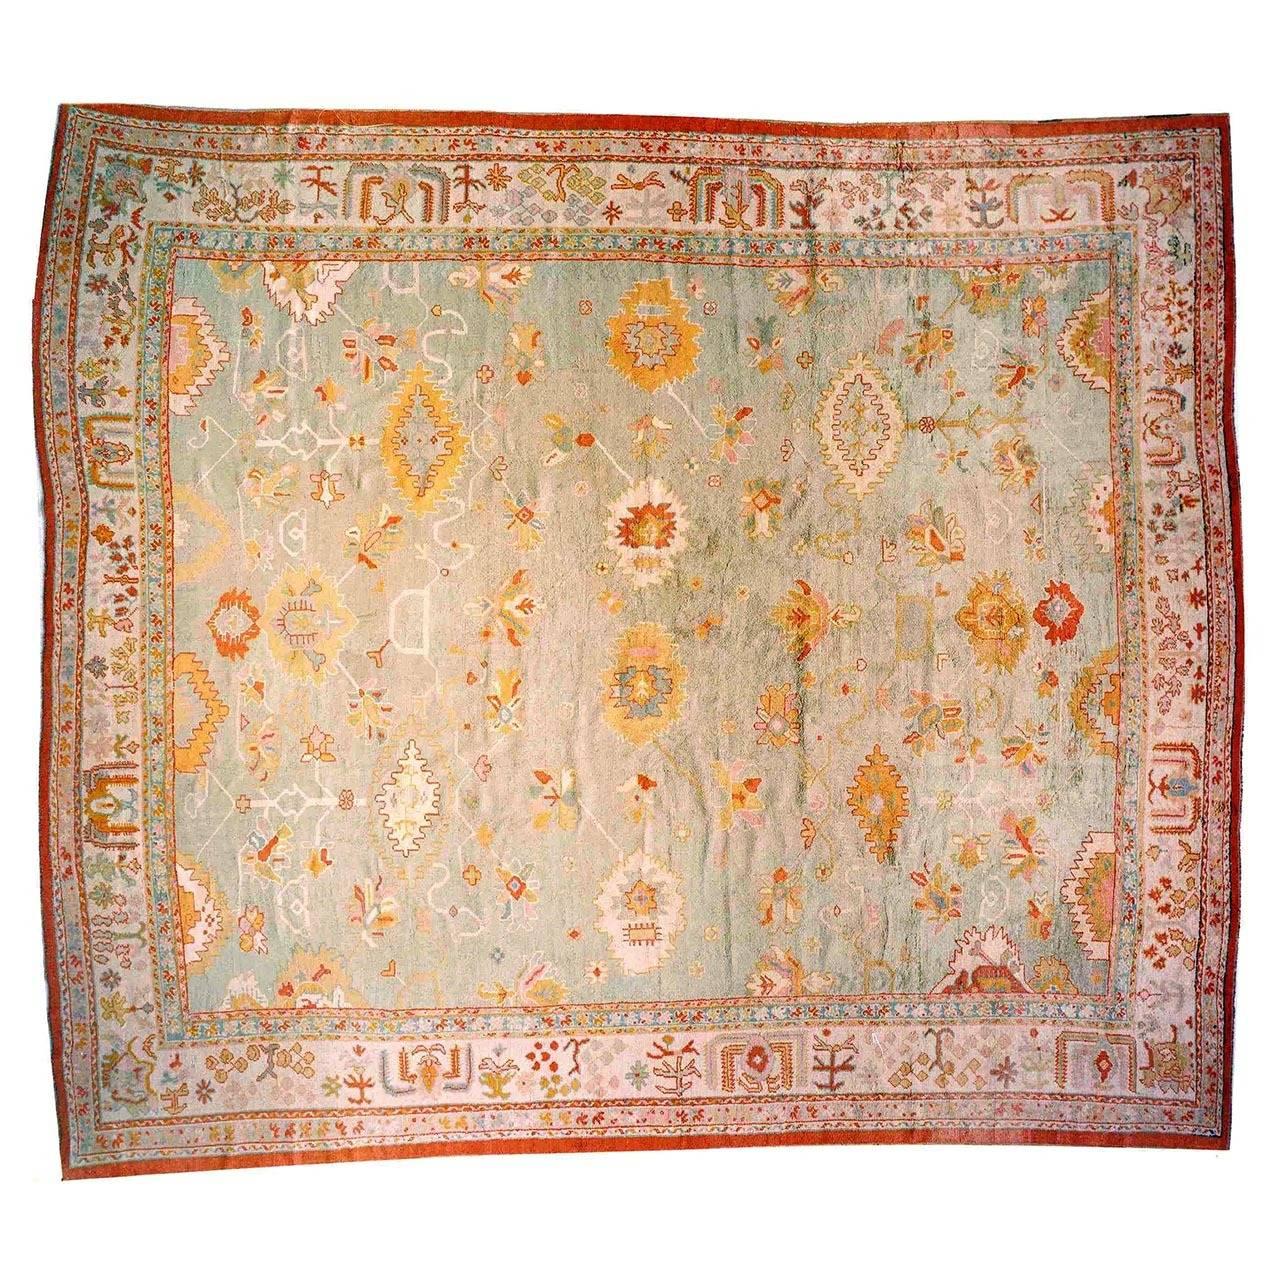 Antique Vintage Turkish Rugs: Antique Turkish Oushak Decorative Carpet, With Soft Colors